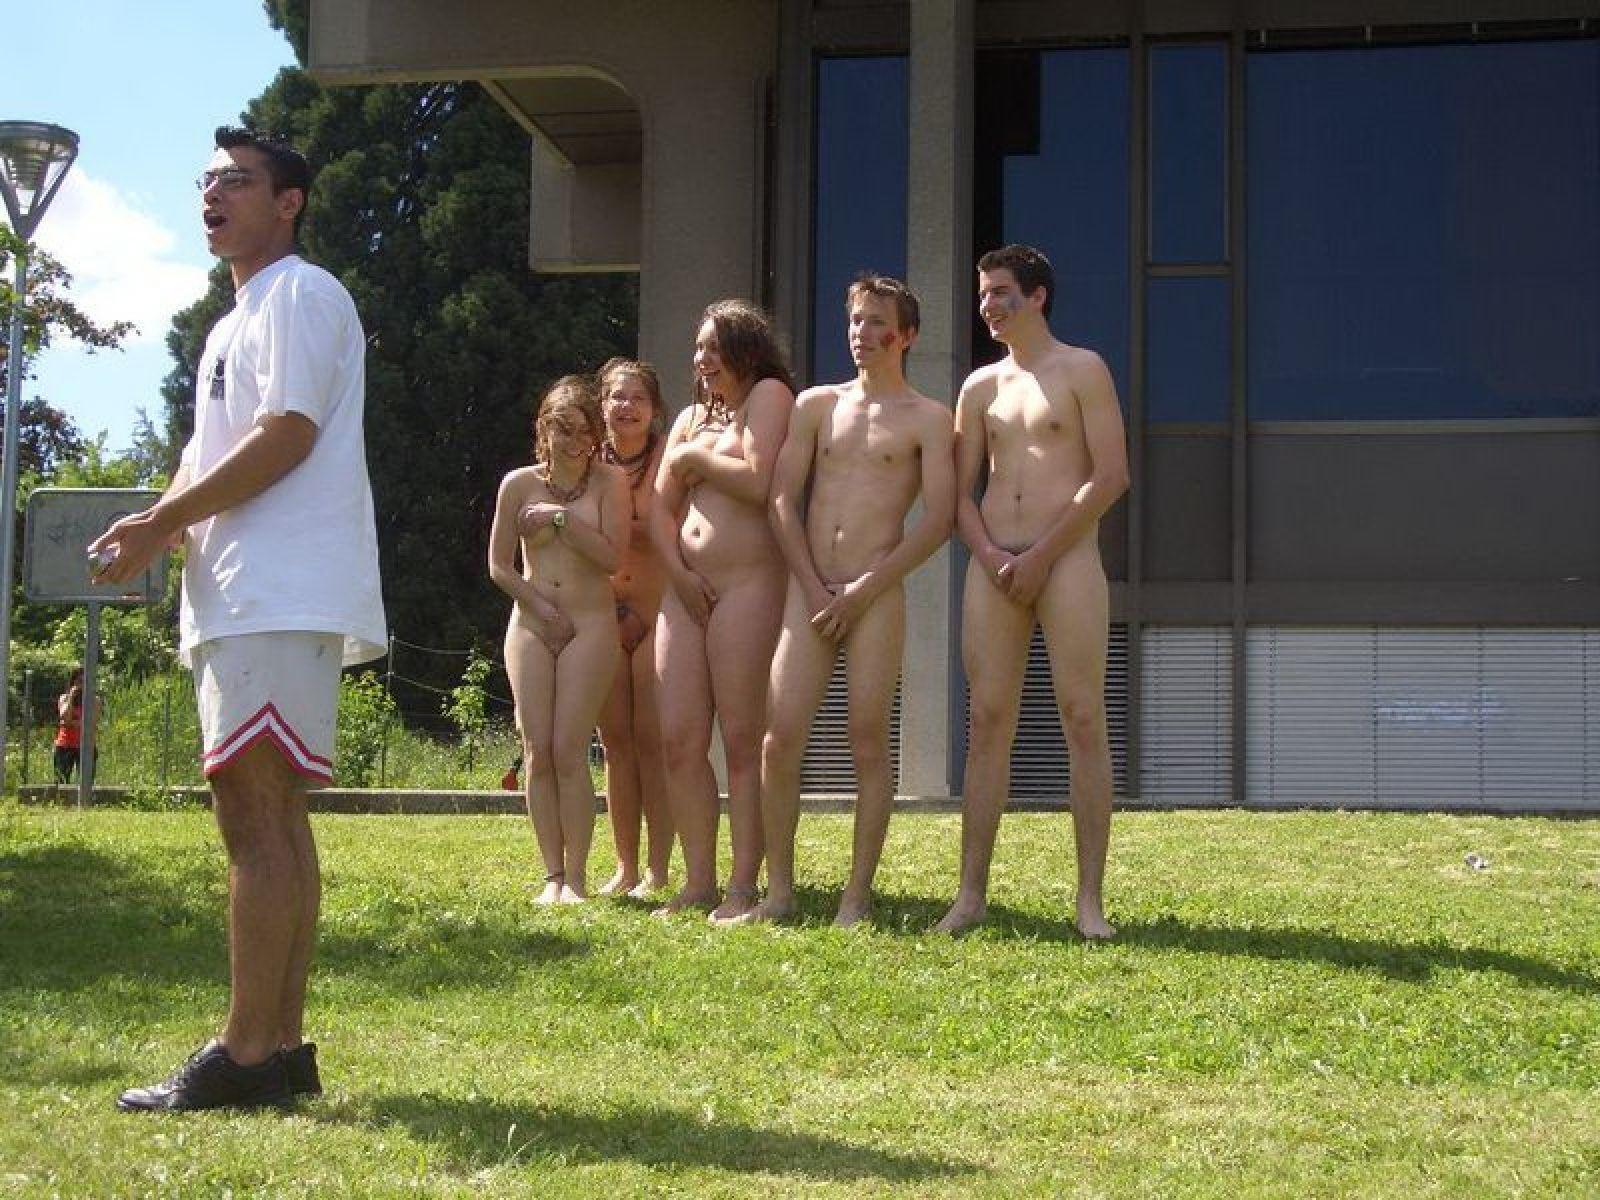 Naked Teens Girls Public Places - Voyeurpapa-7927